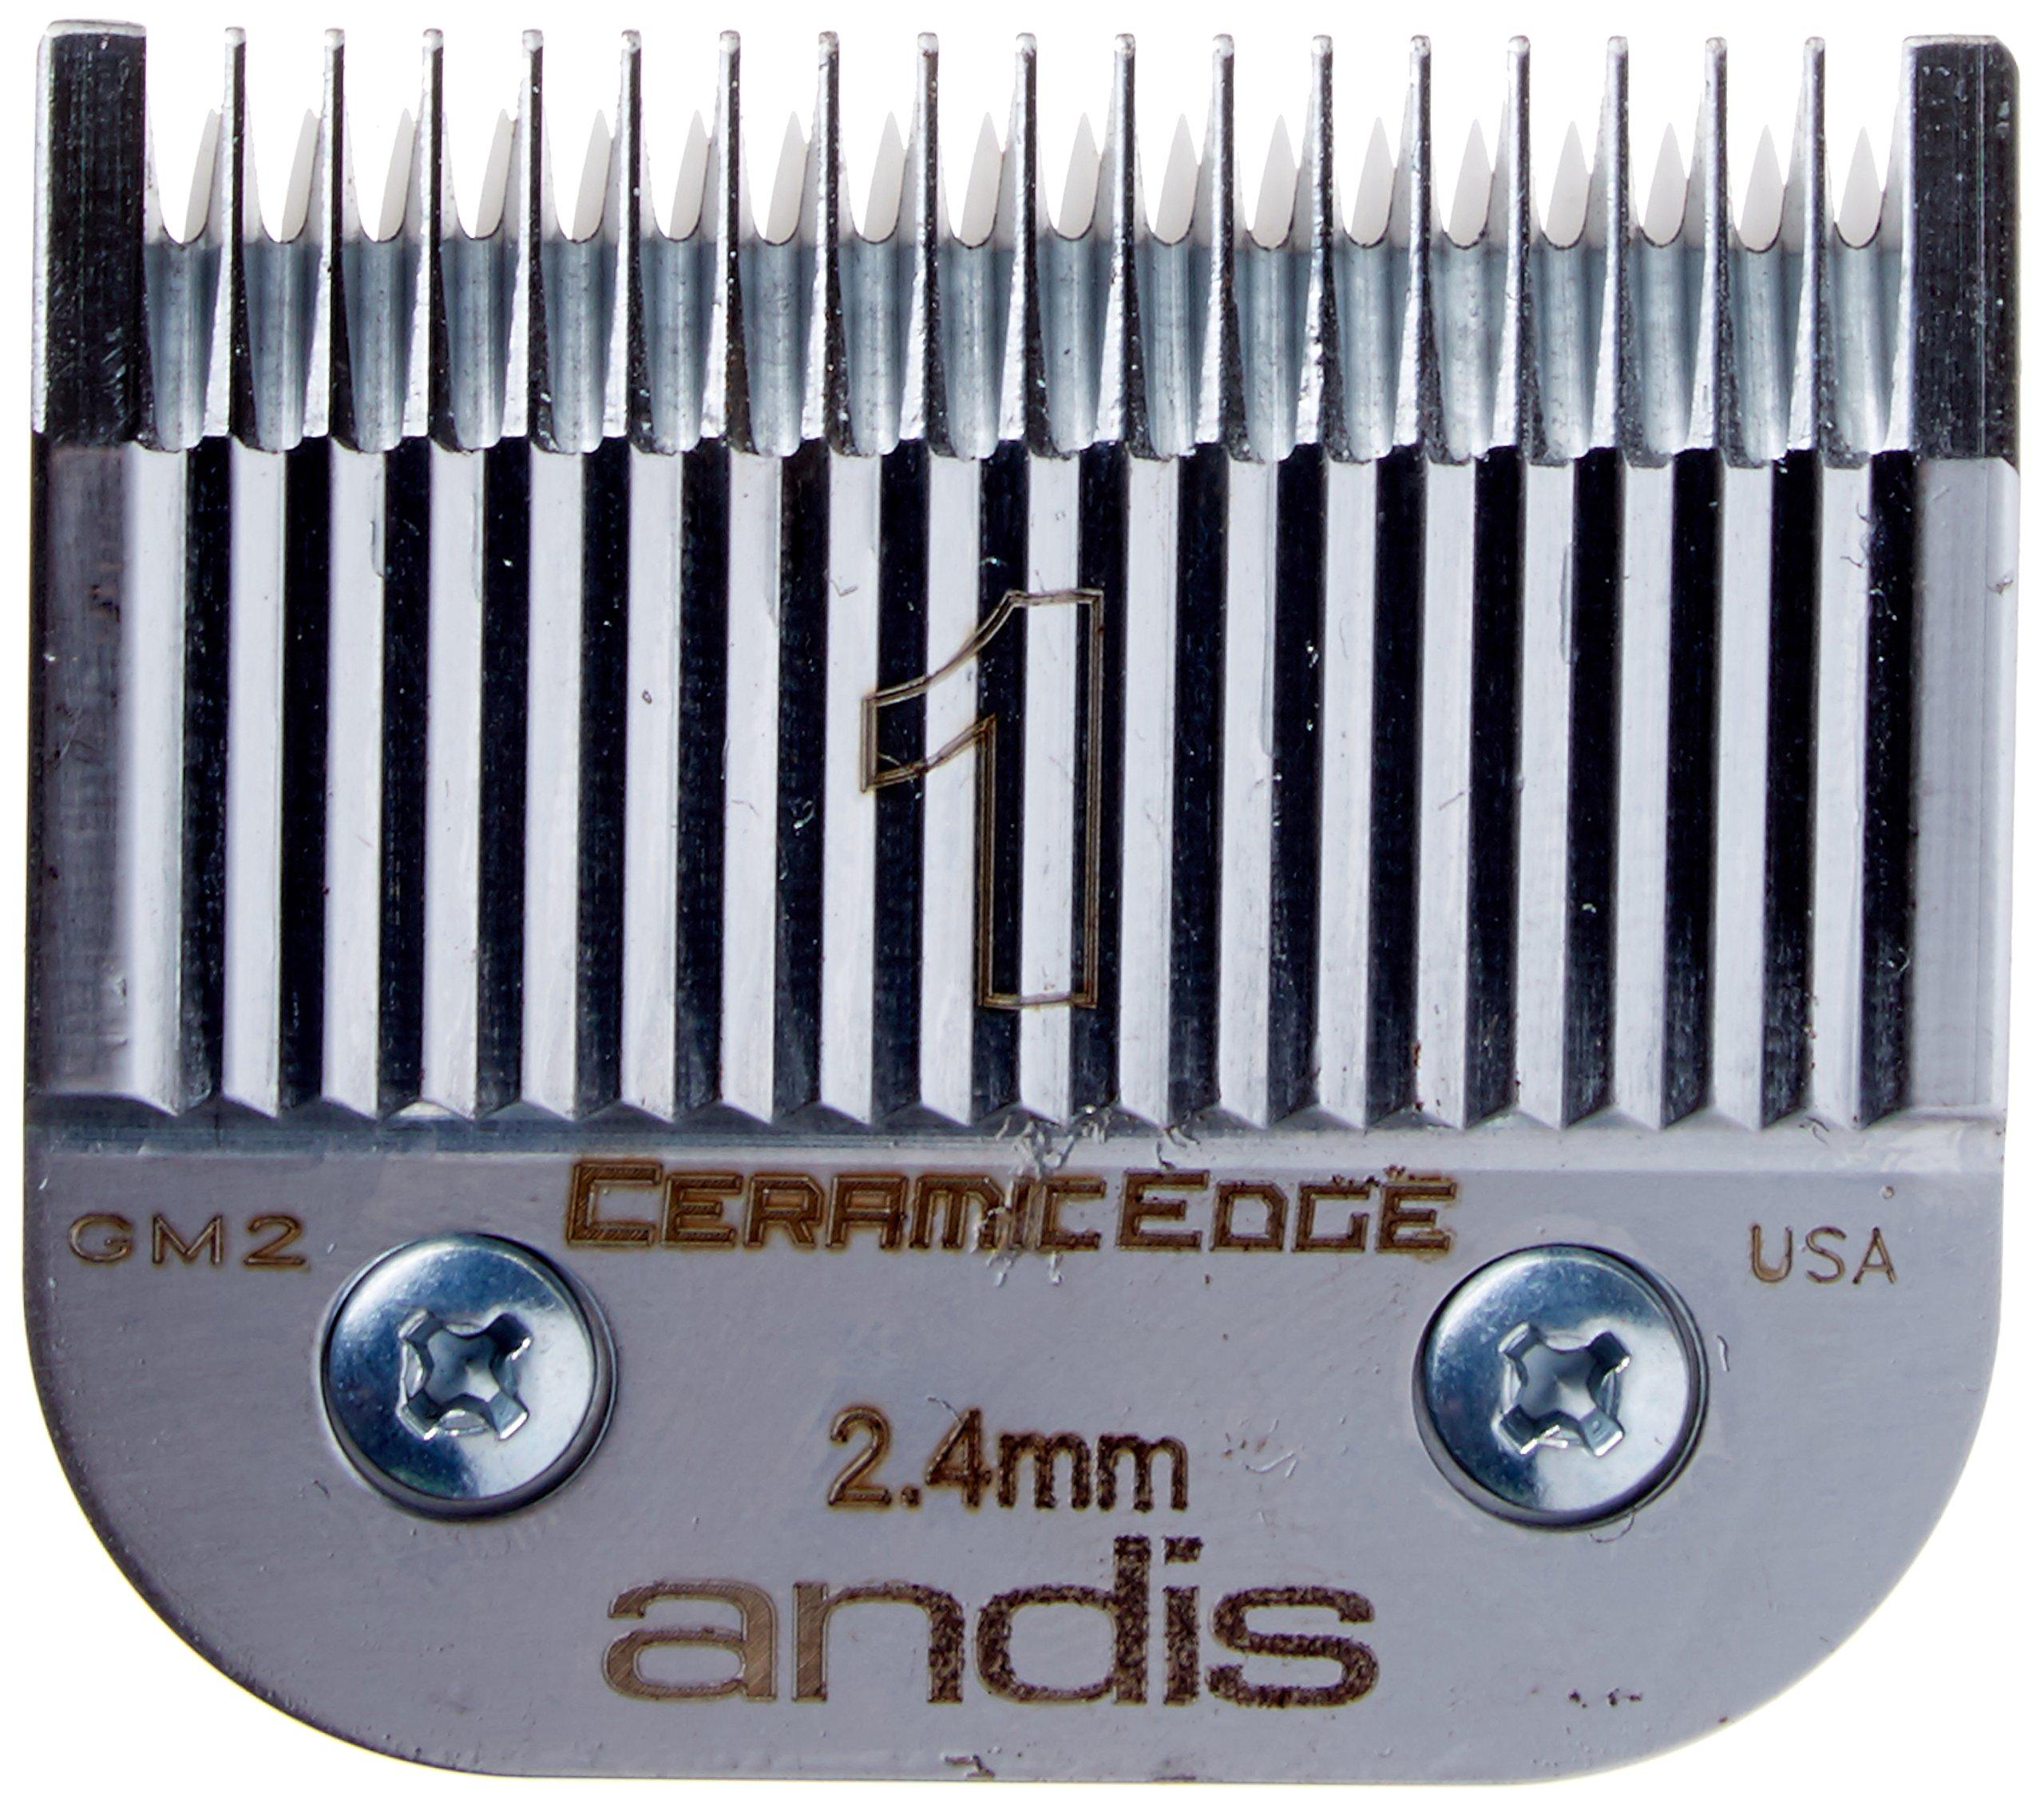 Cuchillas : Andis 64465 Ceramic Edge Reemplazo